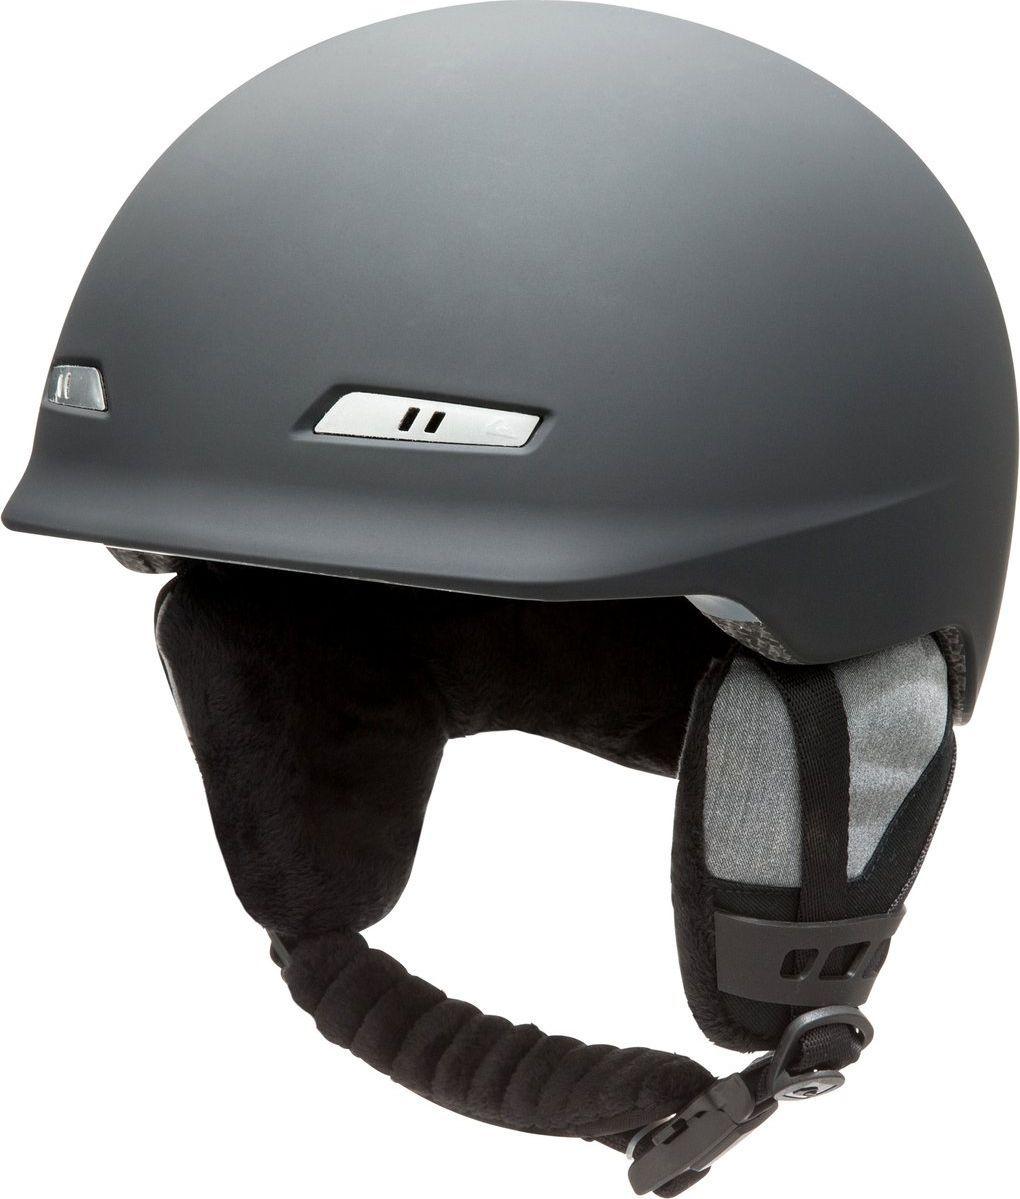 Шлем зимний мужской Quiksilver  EQYTL03017-KVJ0 , цвет: черный. Размер M - Горные лыжи